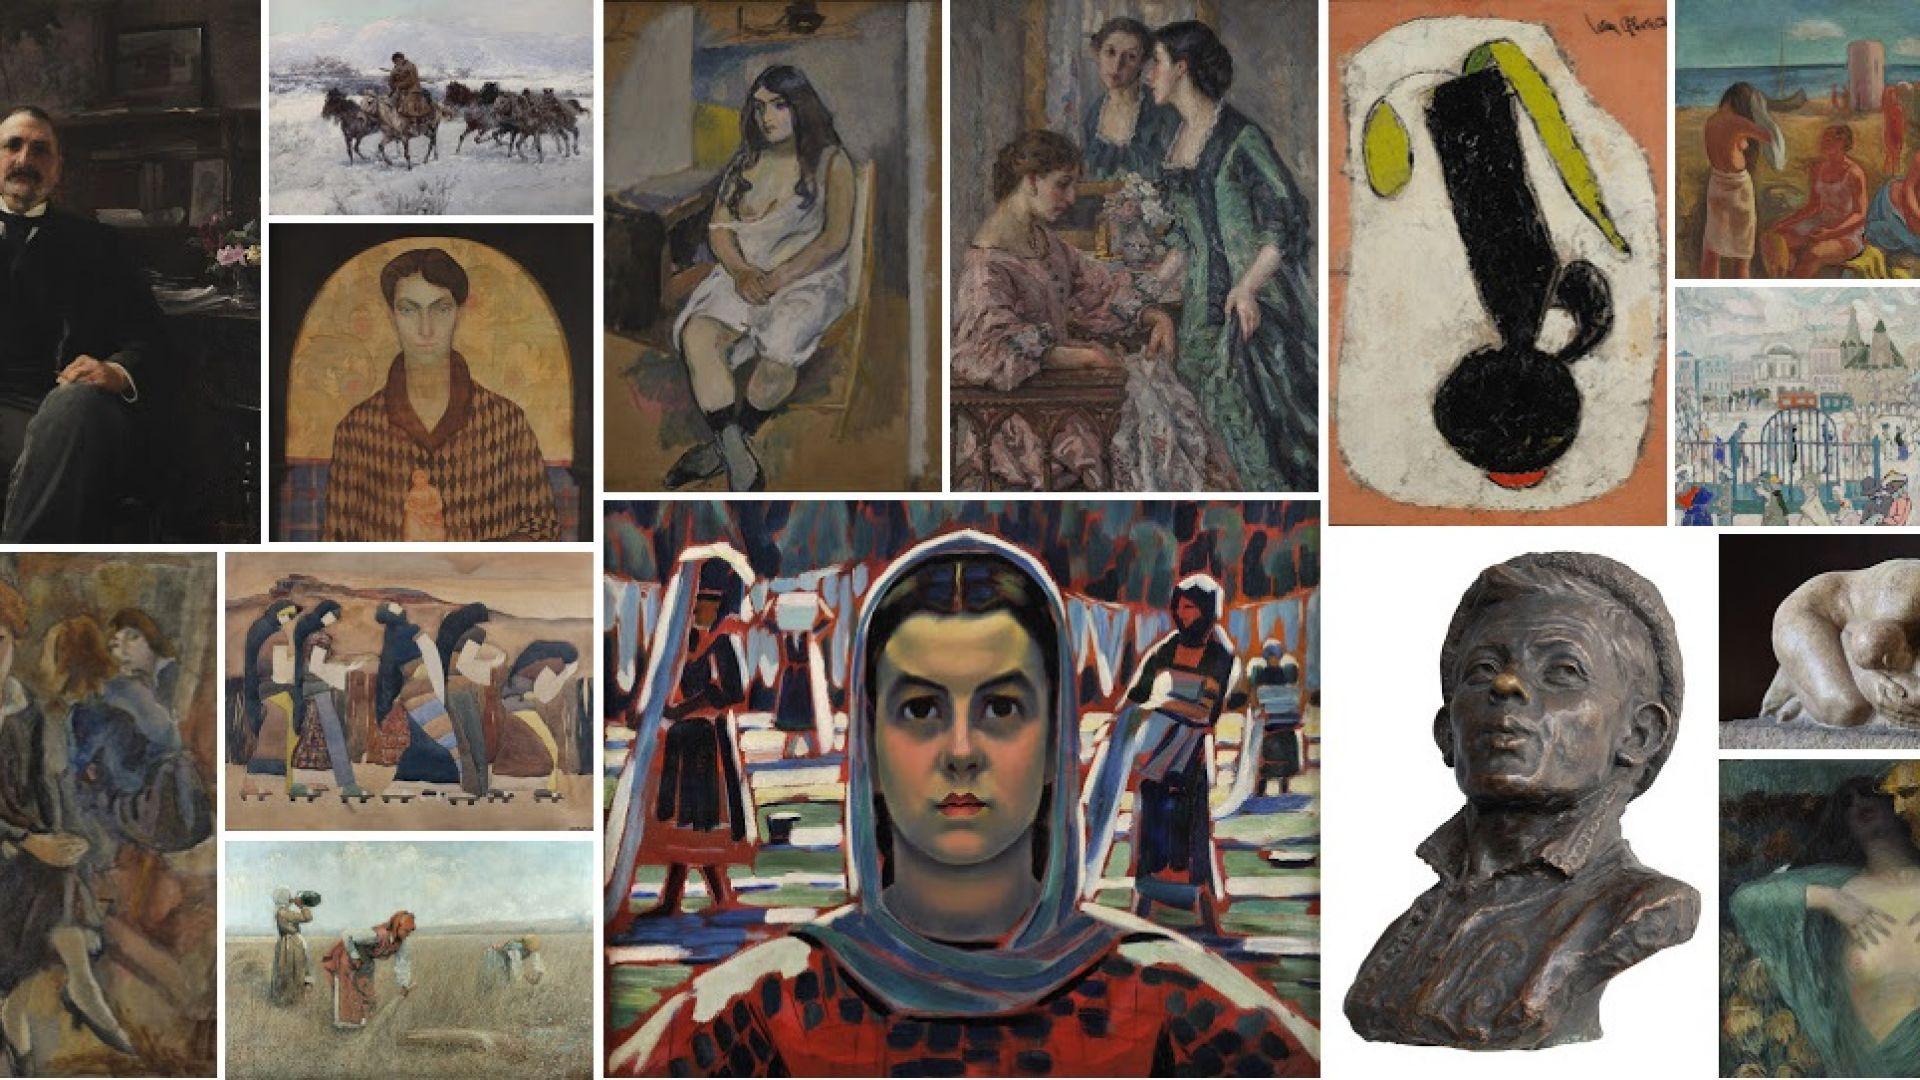 Български картини влезнаха в Google Arts & Culture